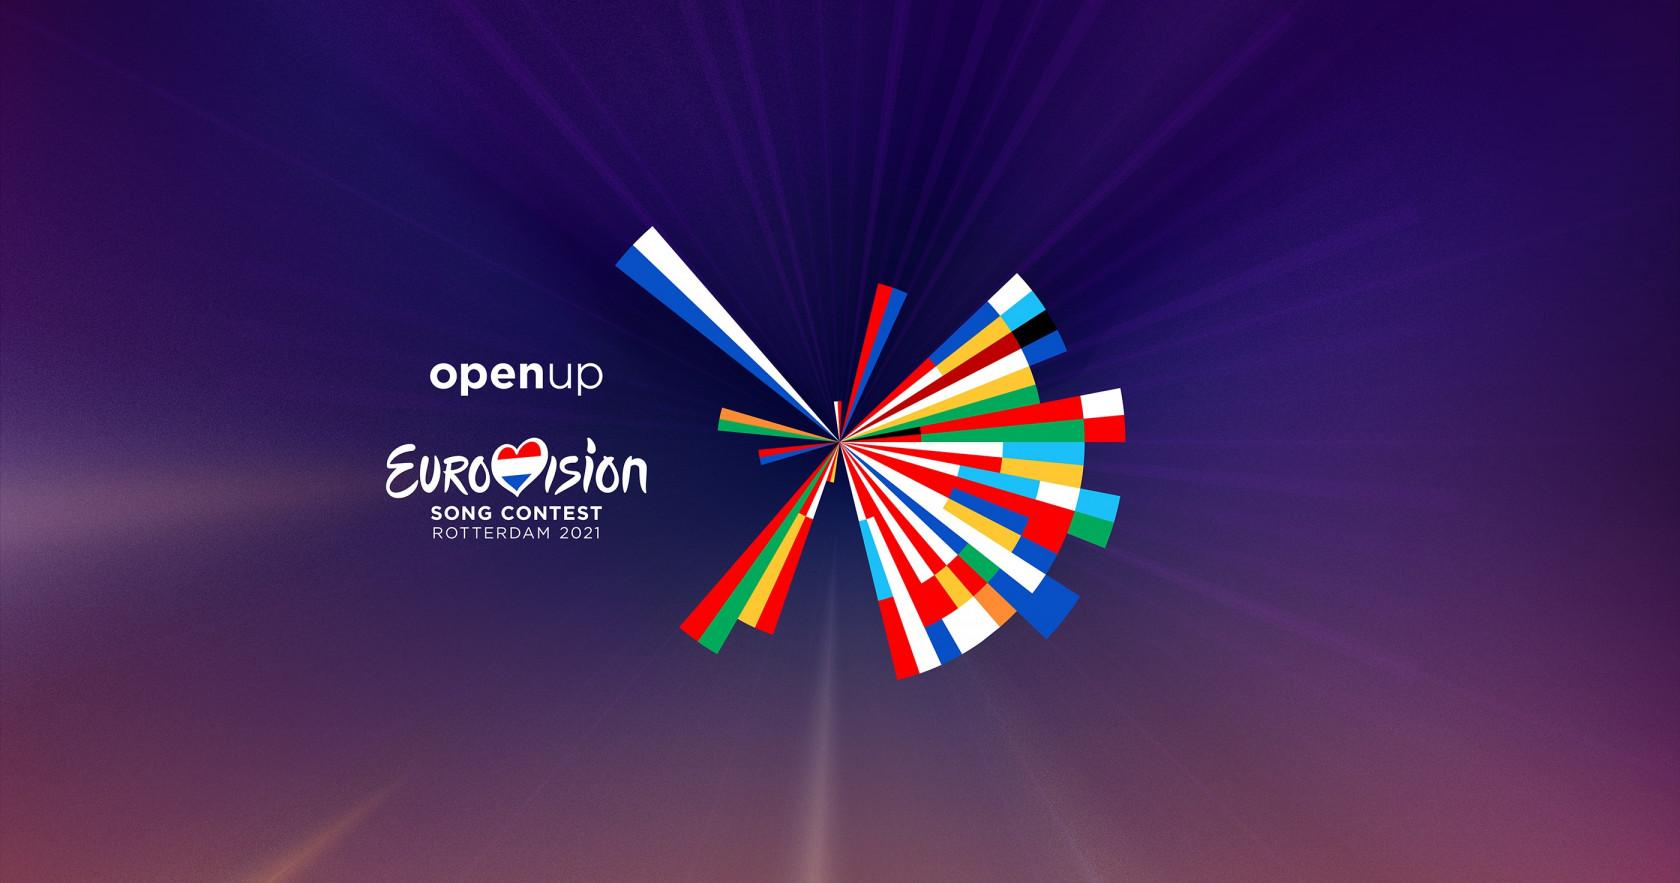 Евровидение 2021 как это будет